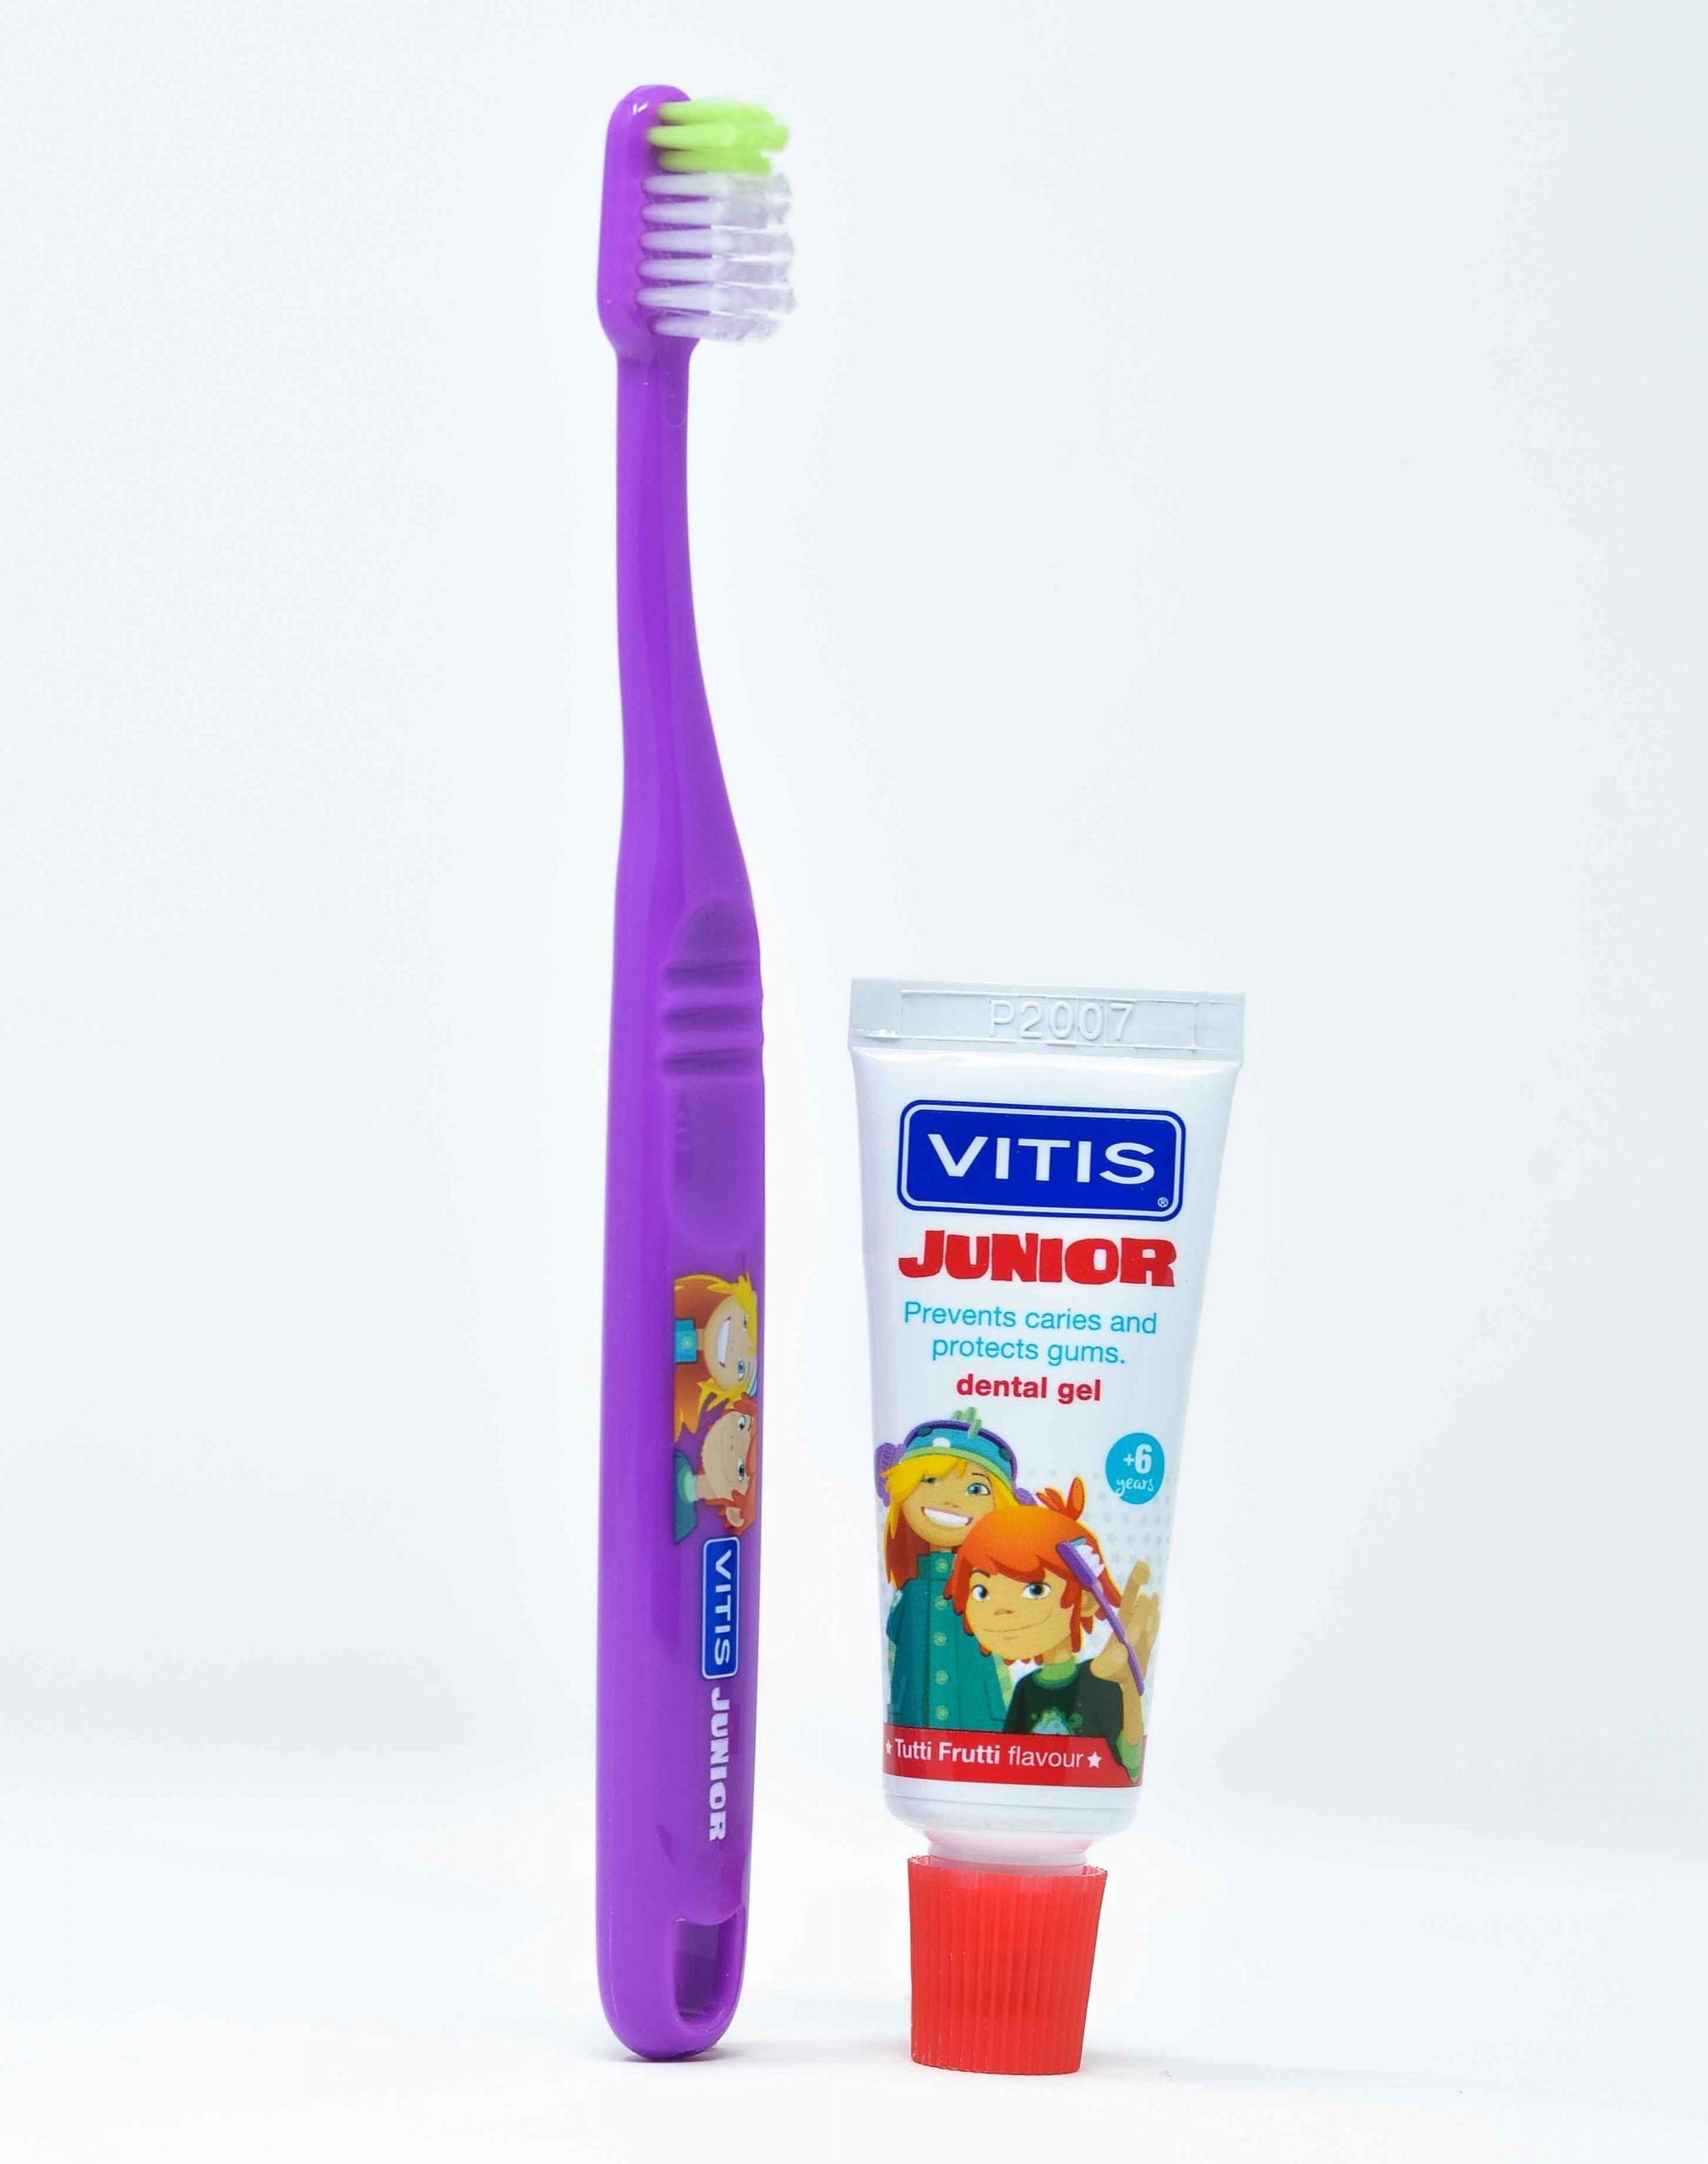 Dentaid Spazzolino Vitis Junior + Vitis Dentifricio Junior Gel 15 ml